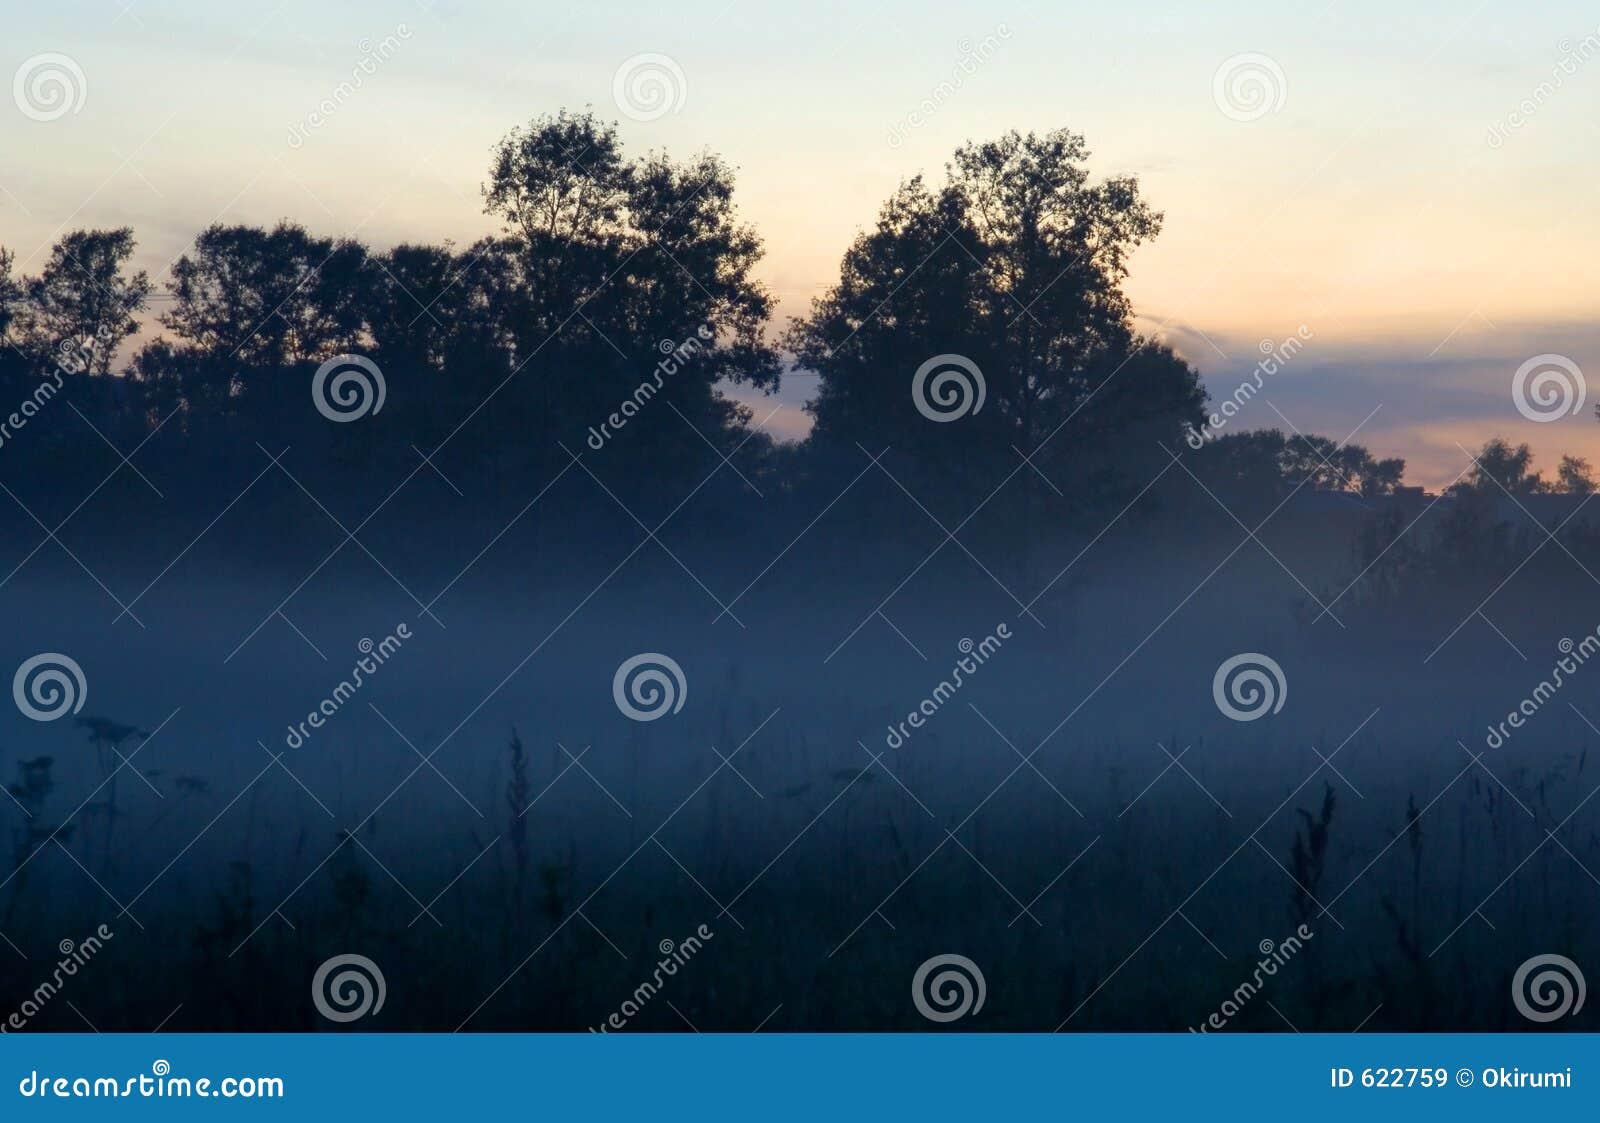 De mist van de avond